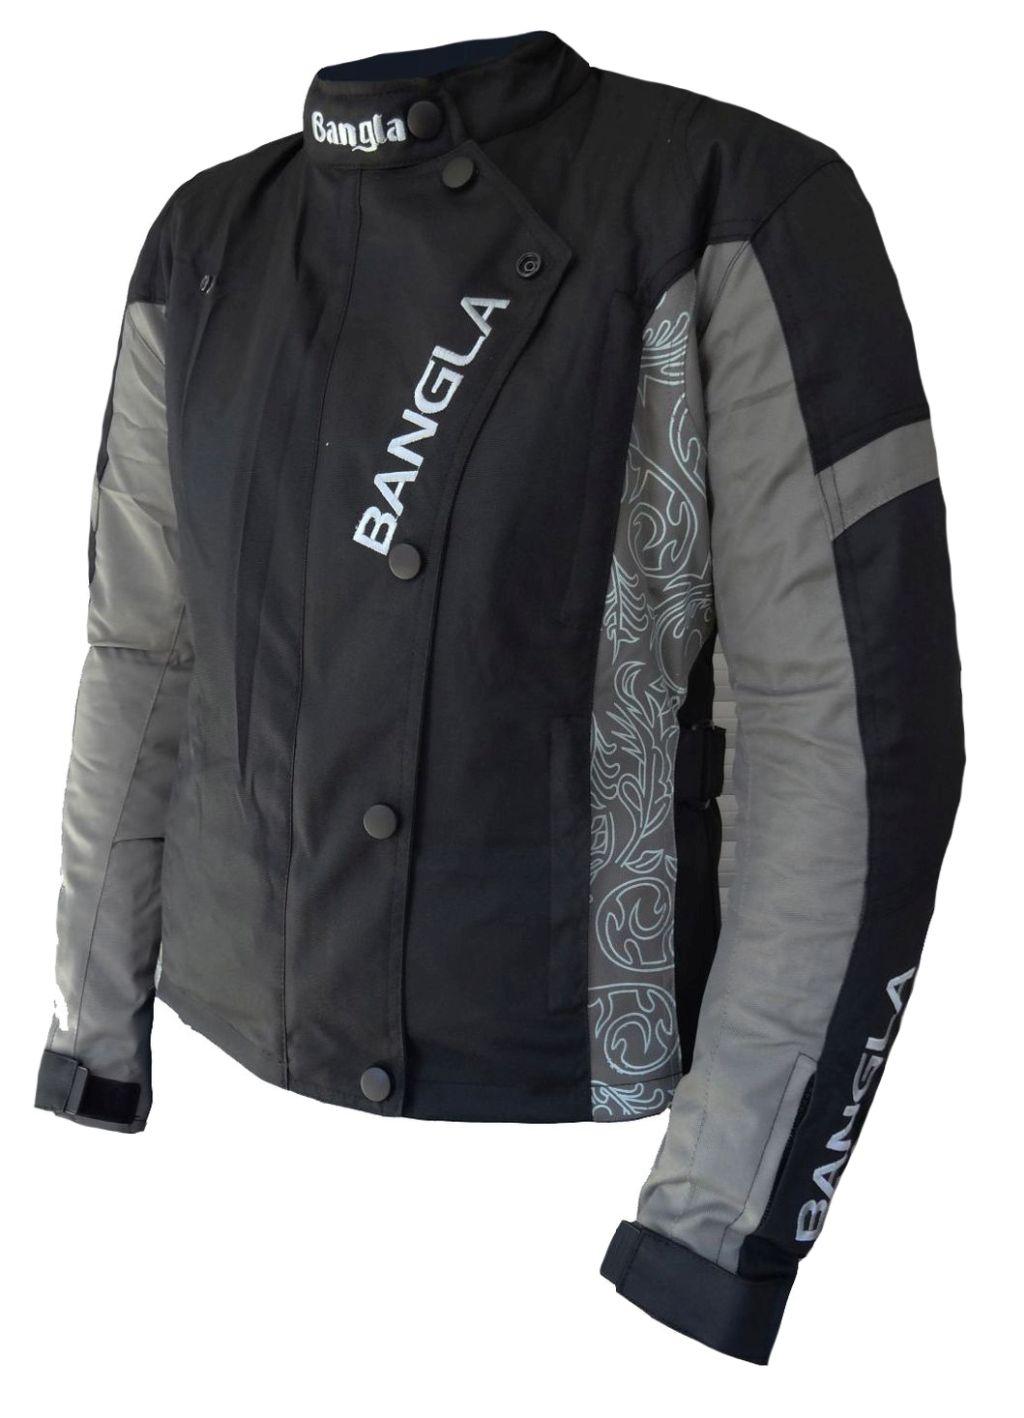 Damen Motorrad Jacke mit Muster Motorradjacke Tourenjacke Schwarz Grau S M L XL